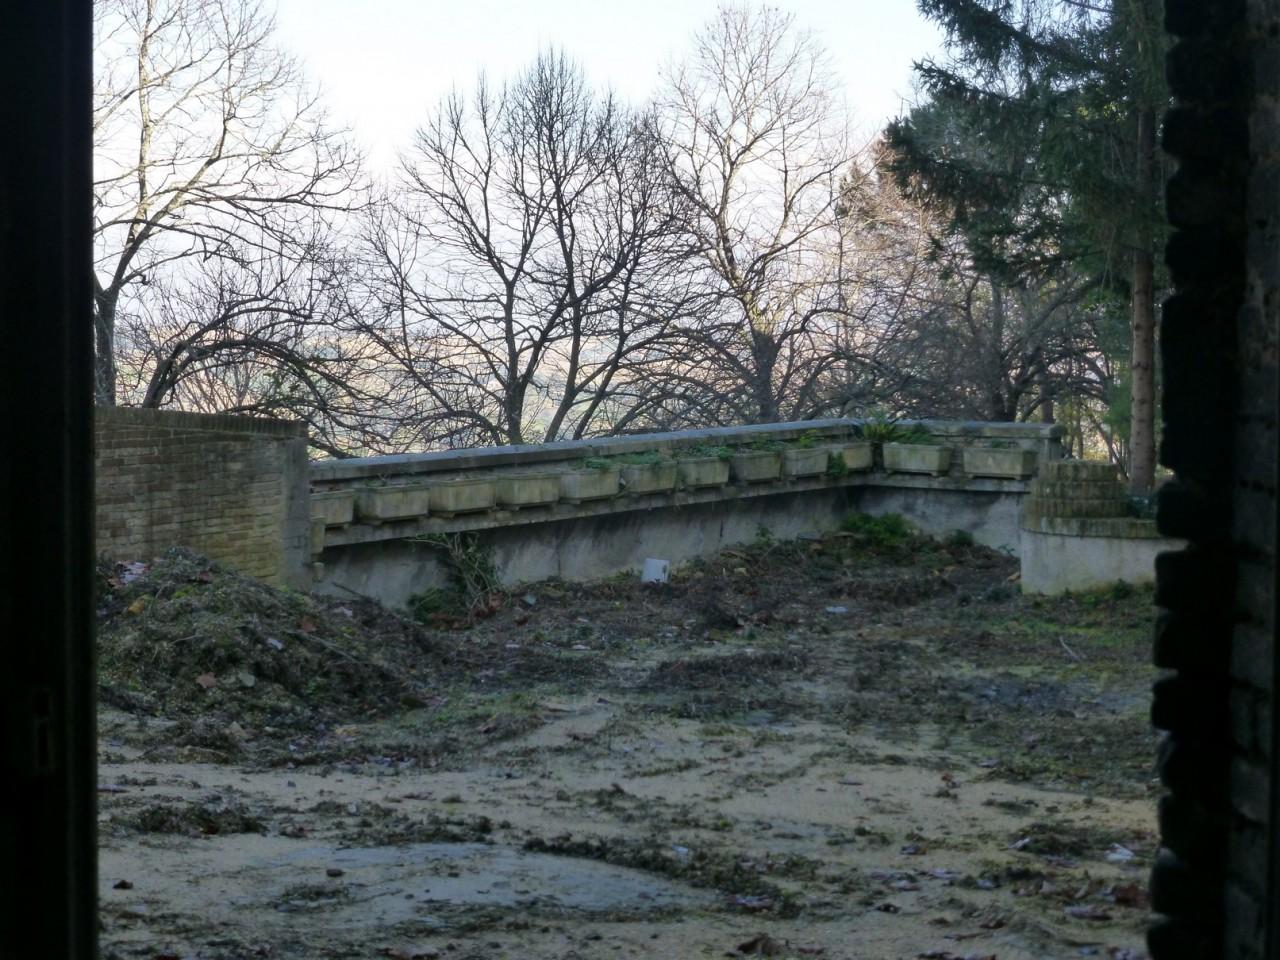 giardino monachette intermesoli macerata (19)